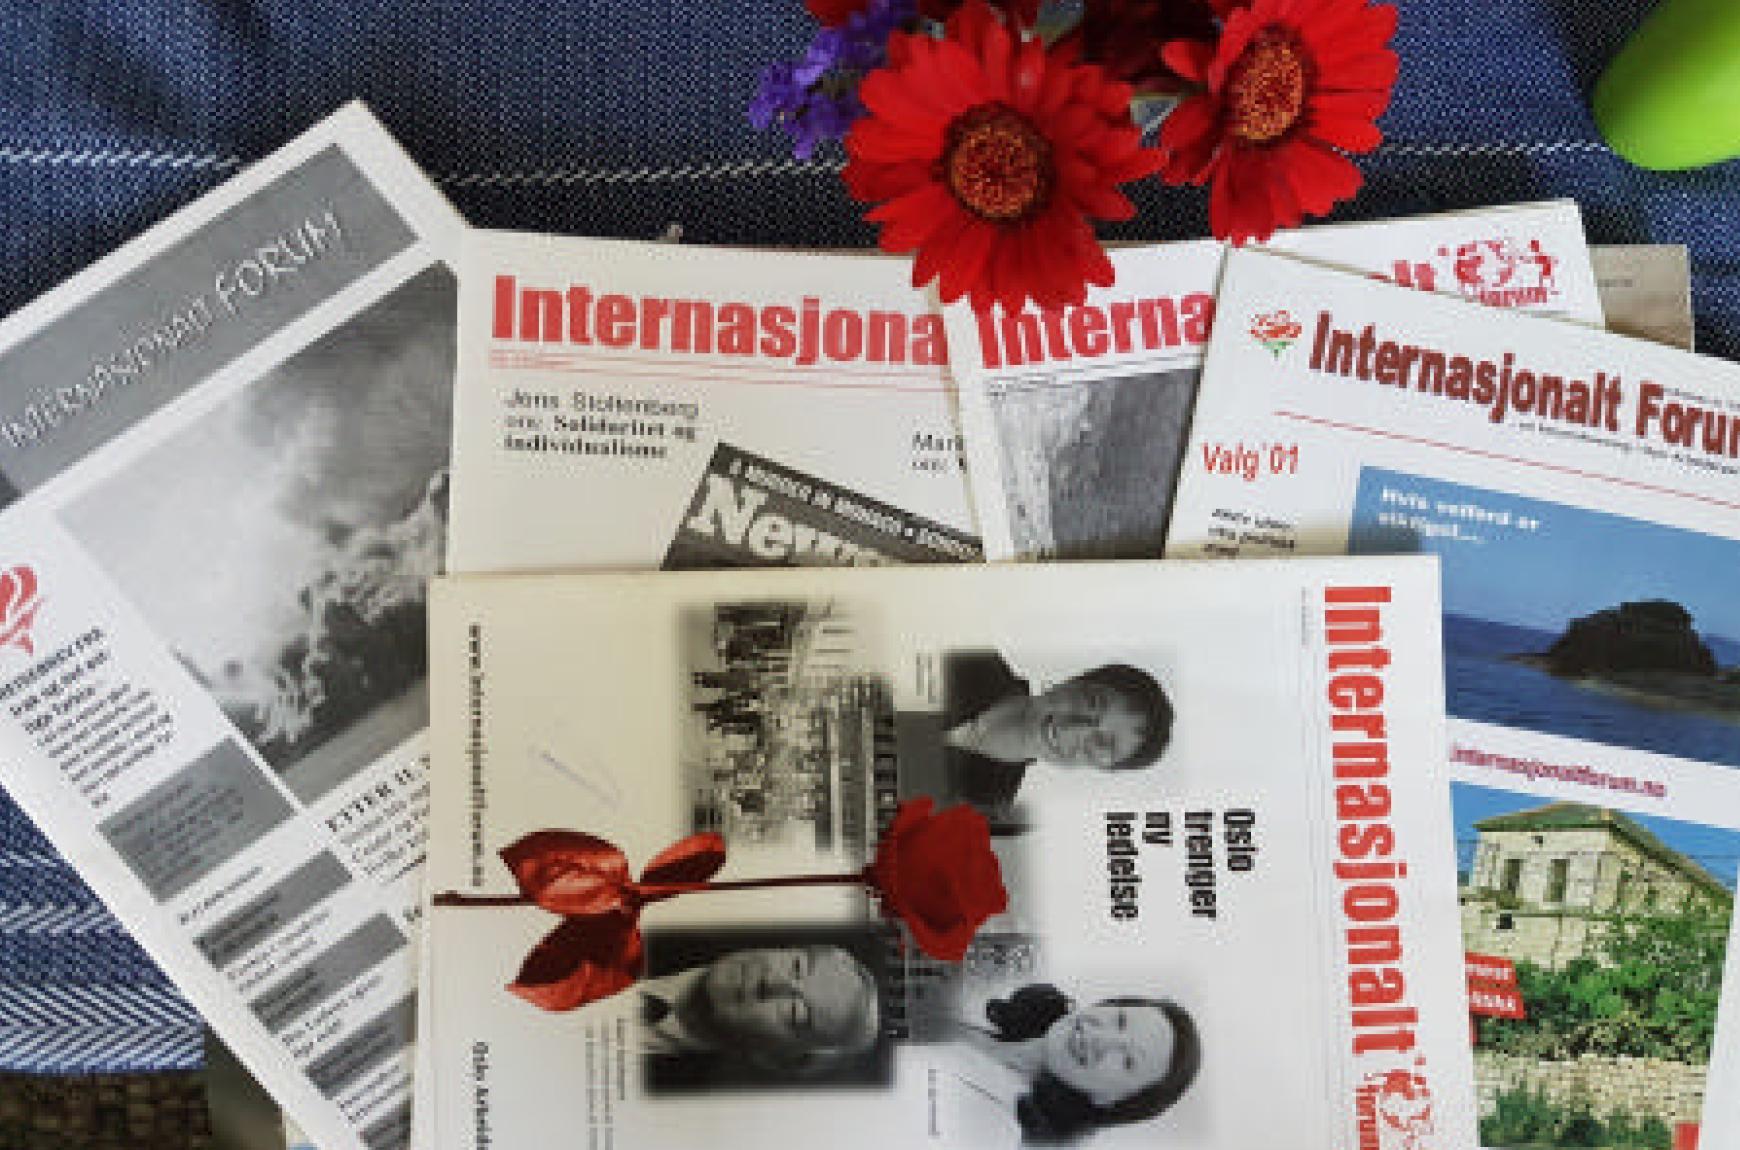 Internasjonalt Forum